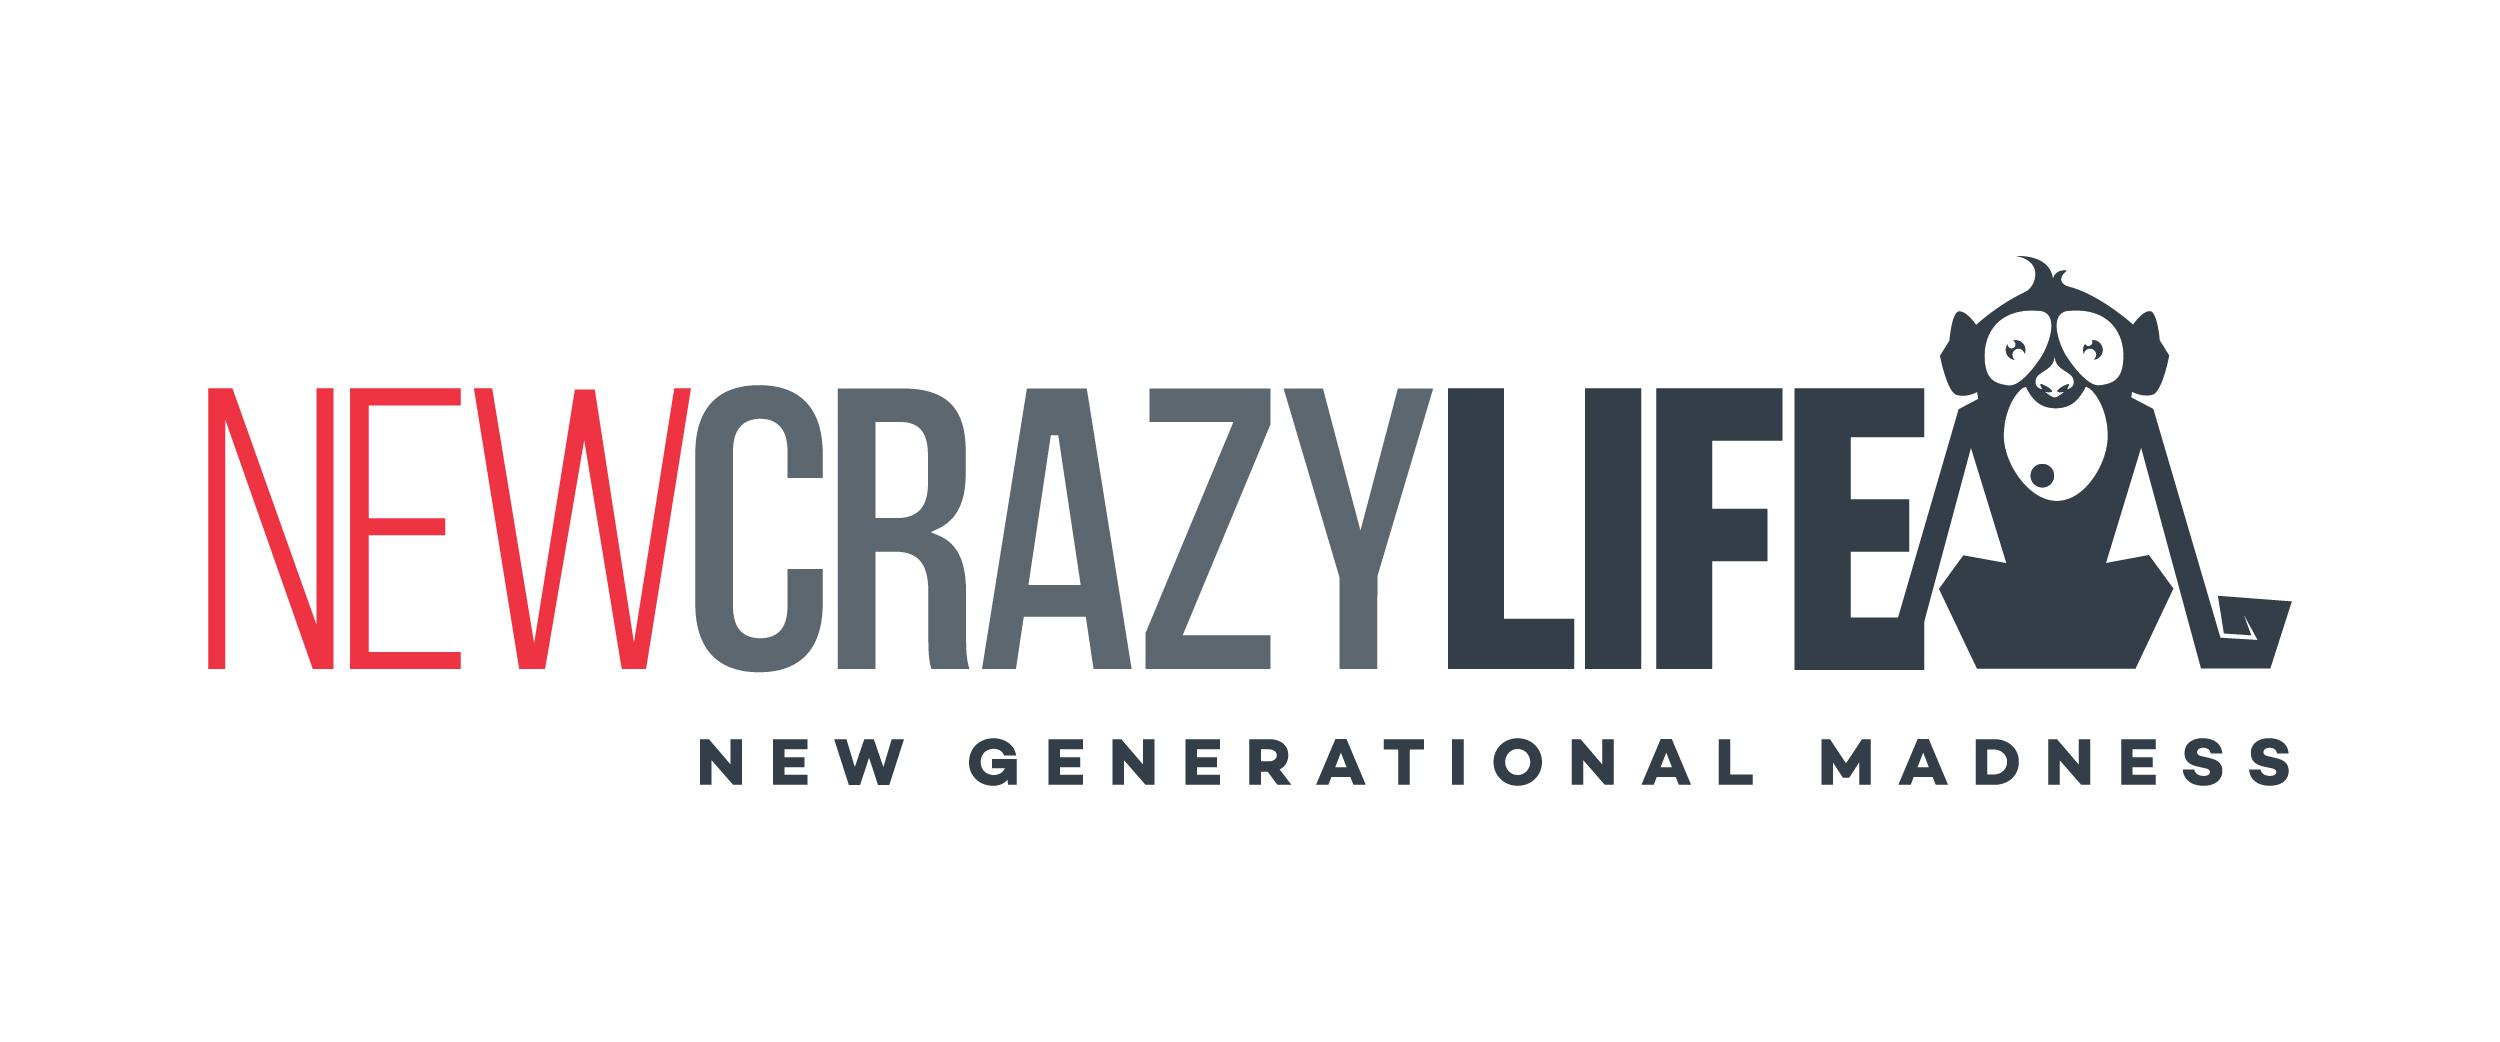 NEWCrazyLife Logo 2014-2015-01